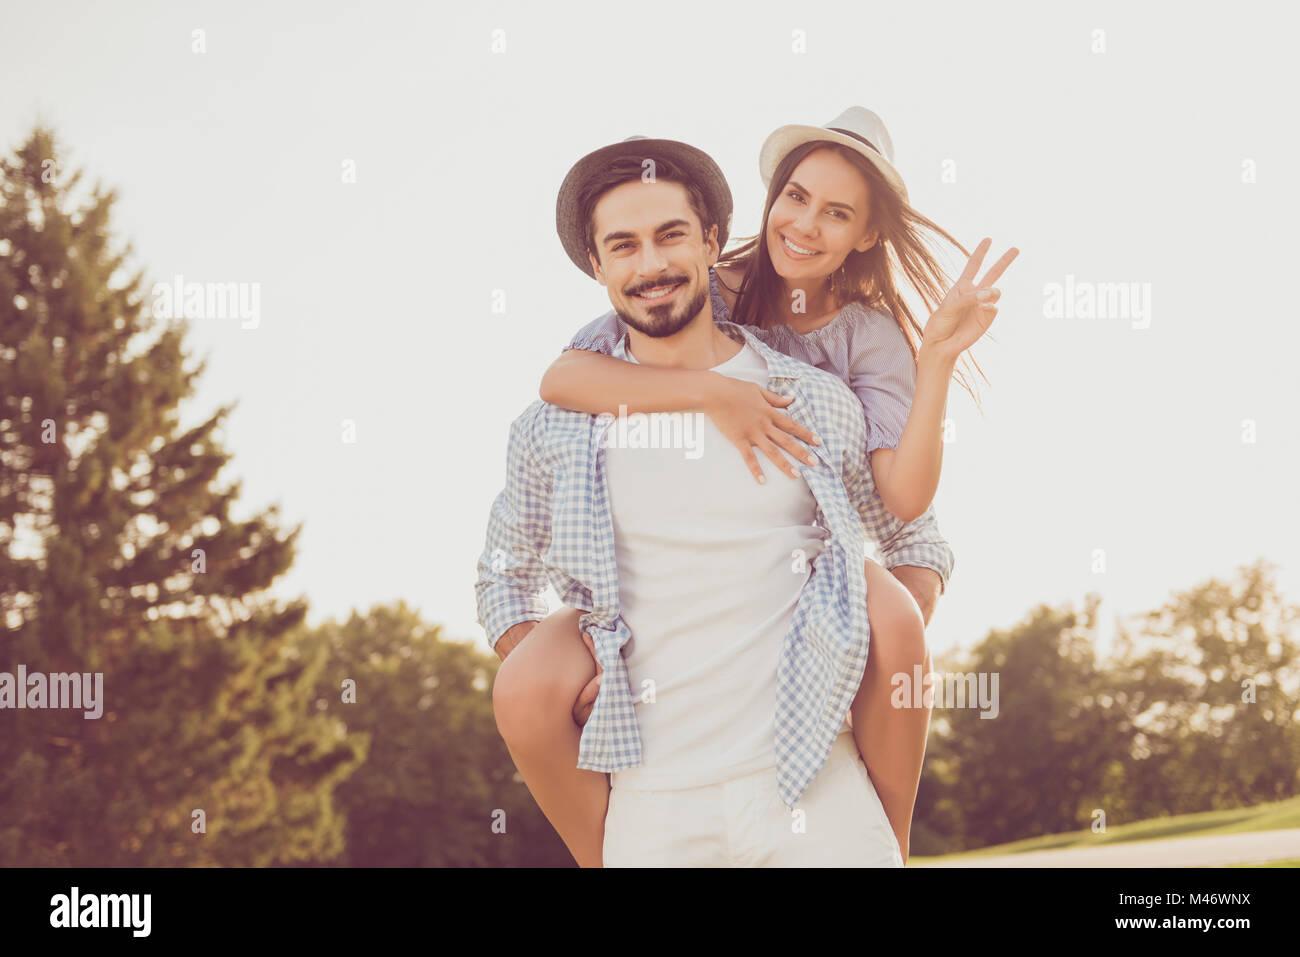 Lindo atractivo dulce pareja aprovechar su preciosa chica, mimos, paseos en él, muestra signos de paz. Fecha Imagen De Stock